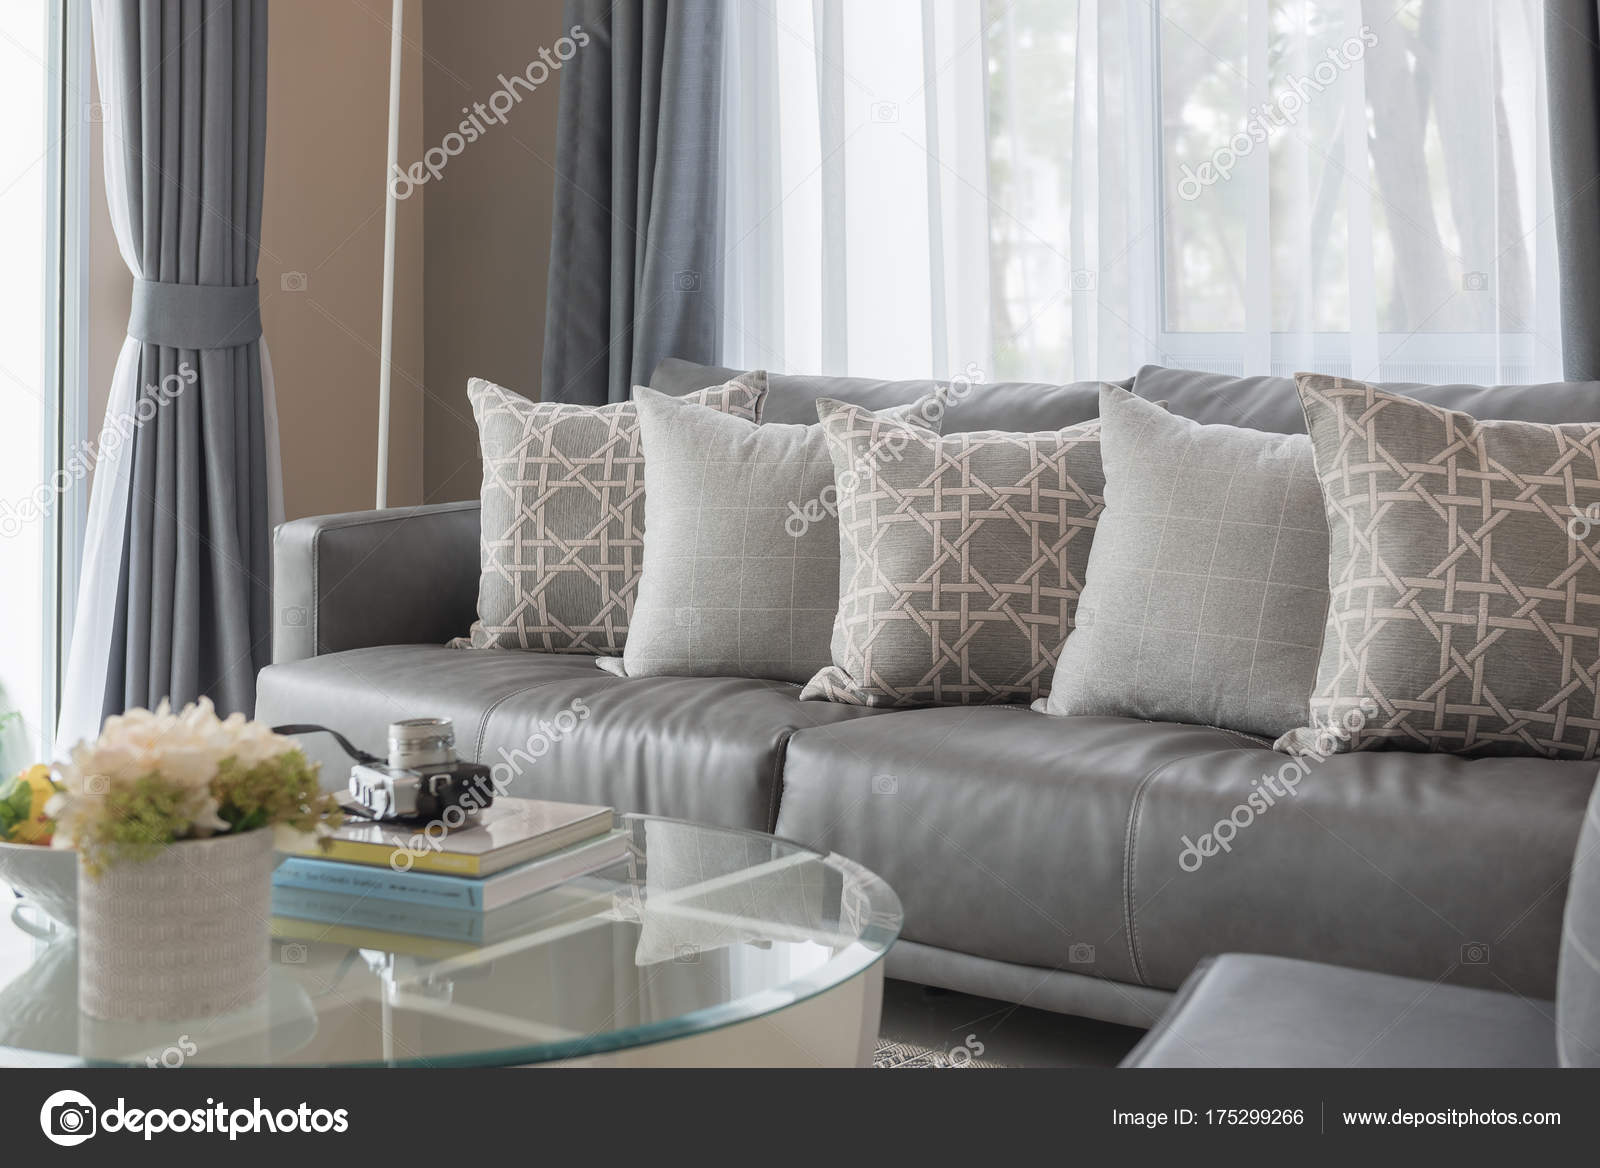 moderne woonkamer met rij kussens — Stockfoto © khongkitwiriyachan ...